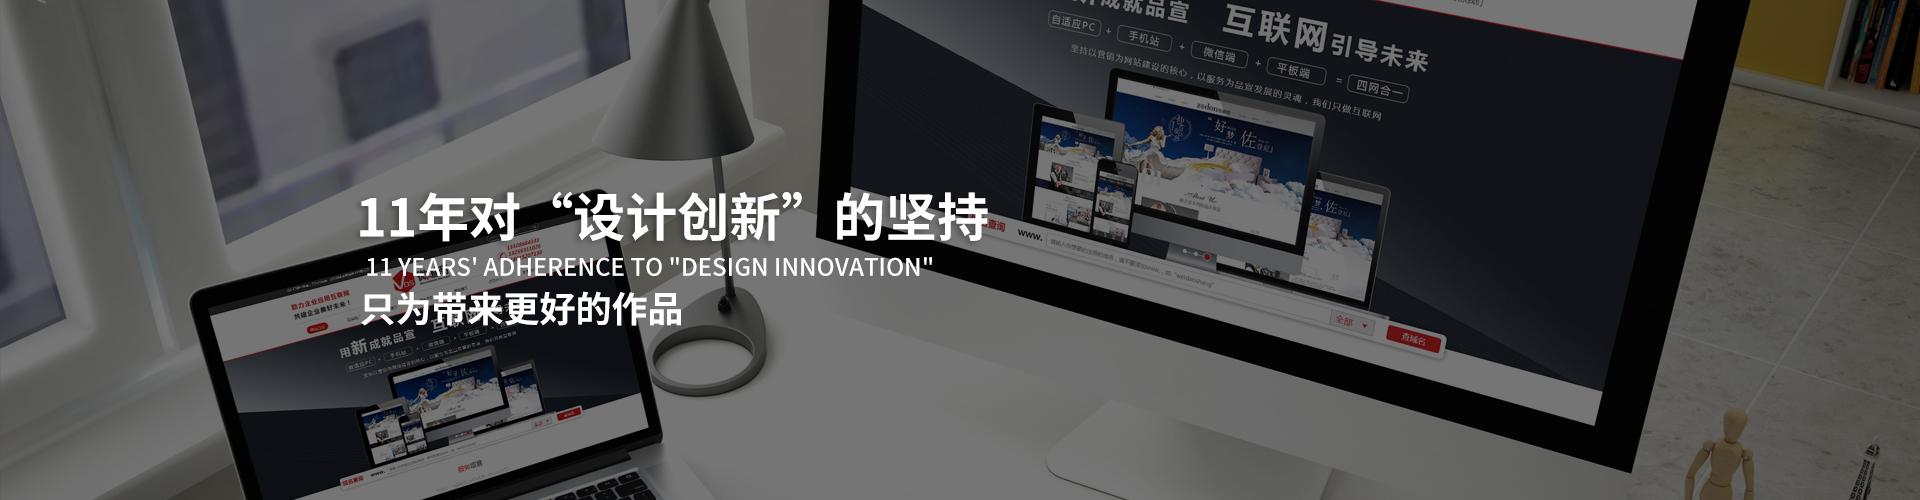 网络优化,网站优化公司,网站推广